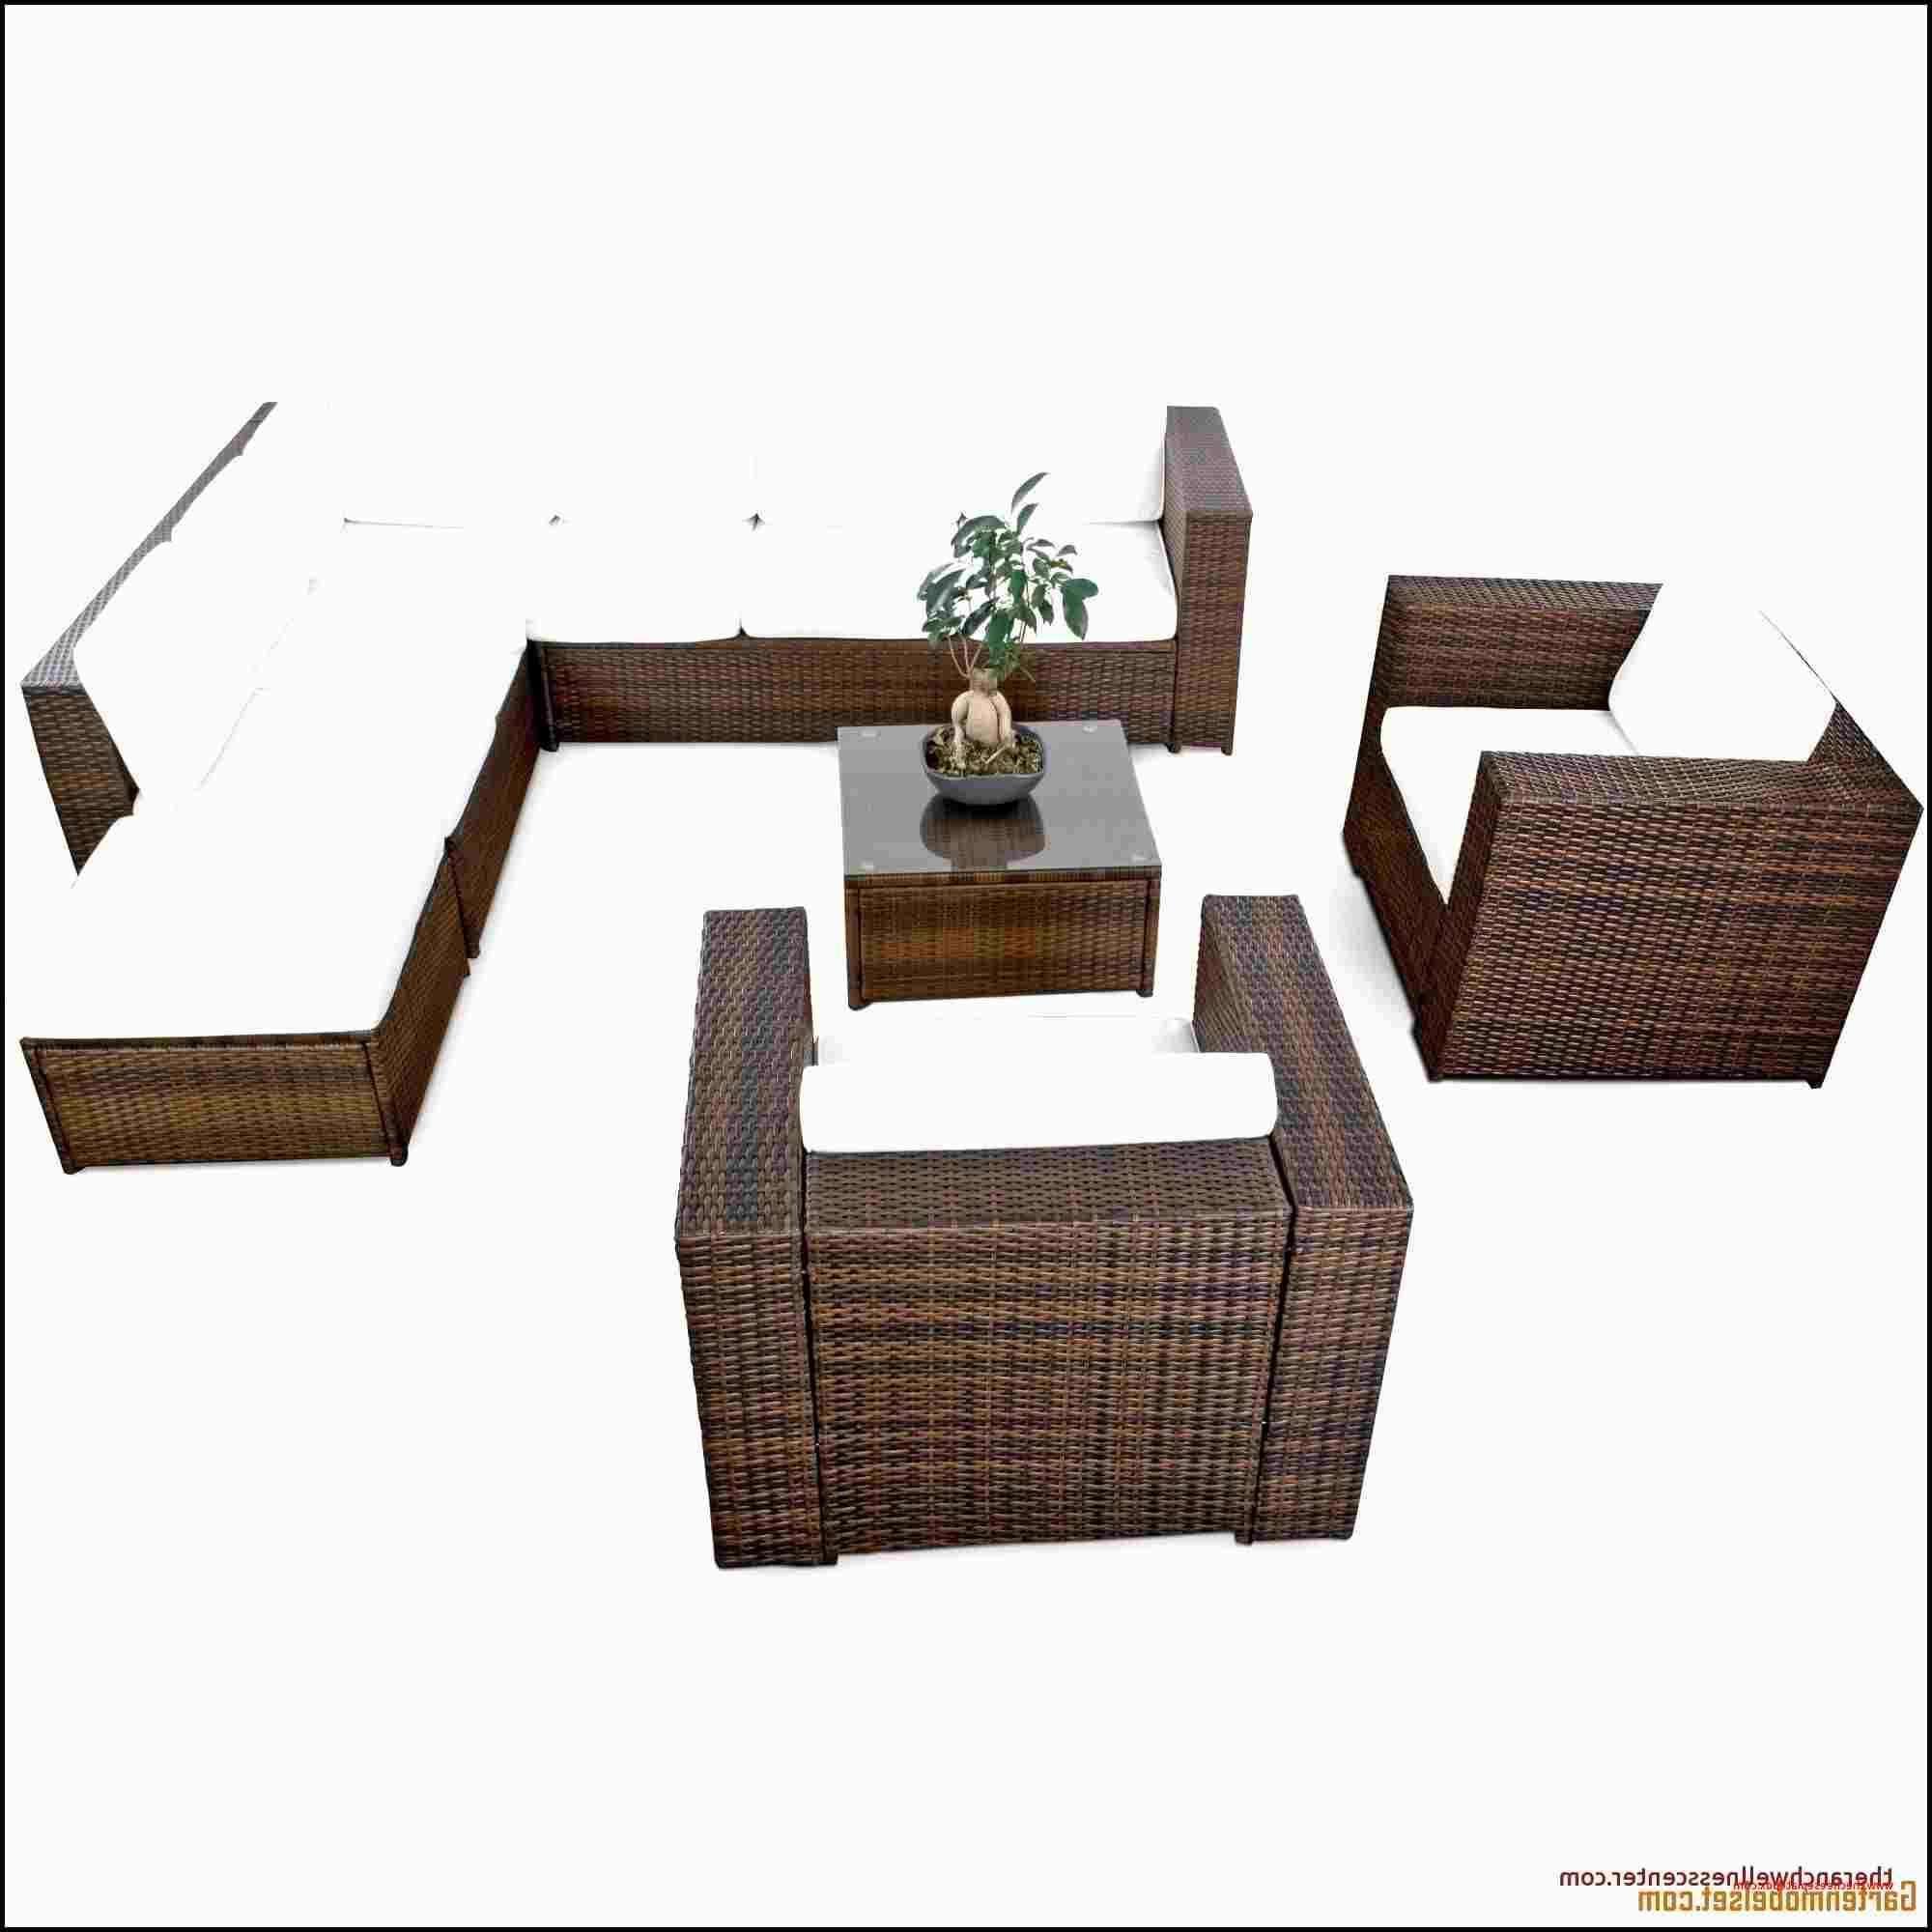 Lounge Gartenmobel Garten Mobel Gebraucht Kaufen In Hildesheim Ebay Kleinanzeigen